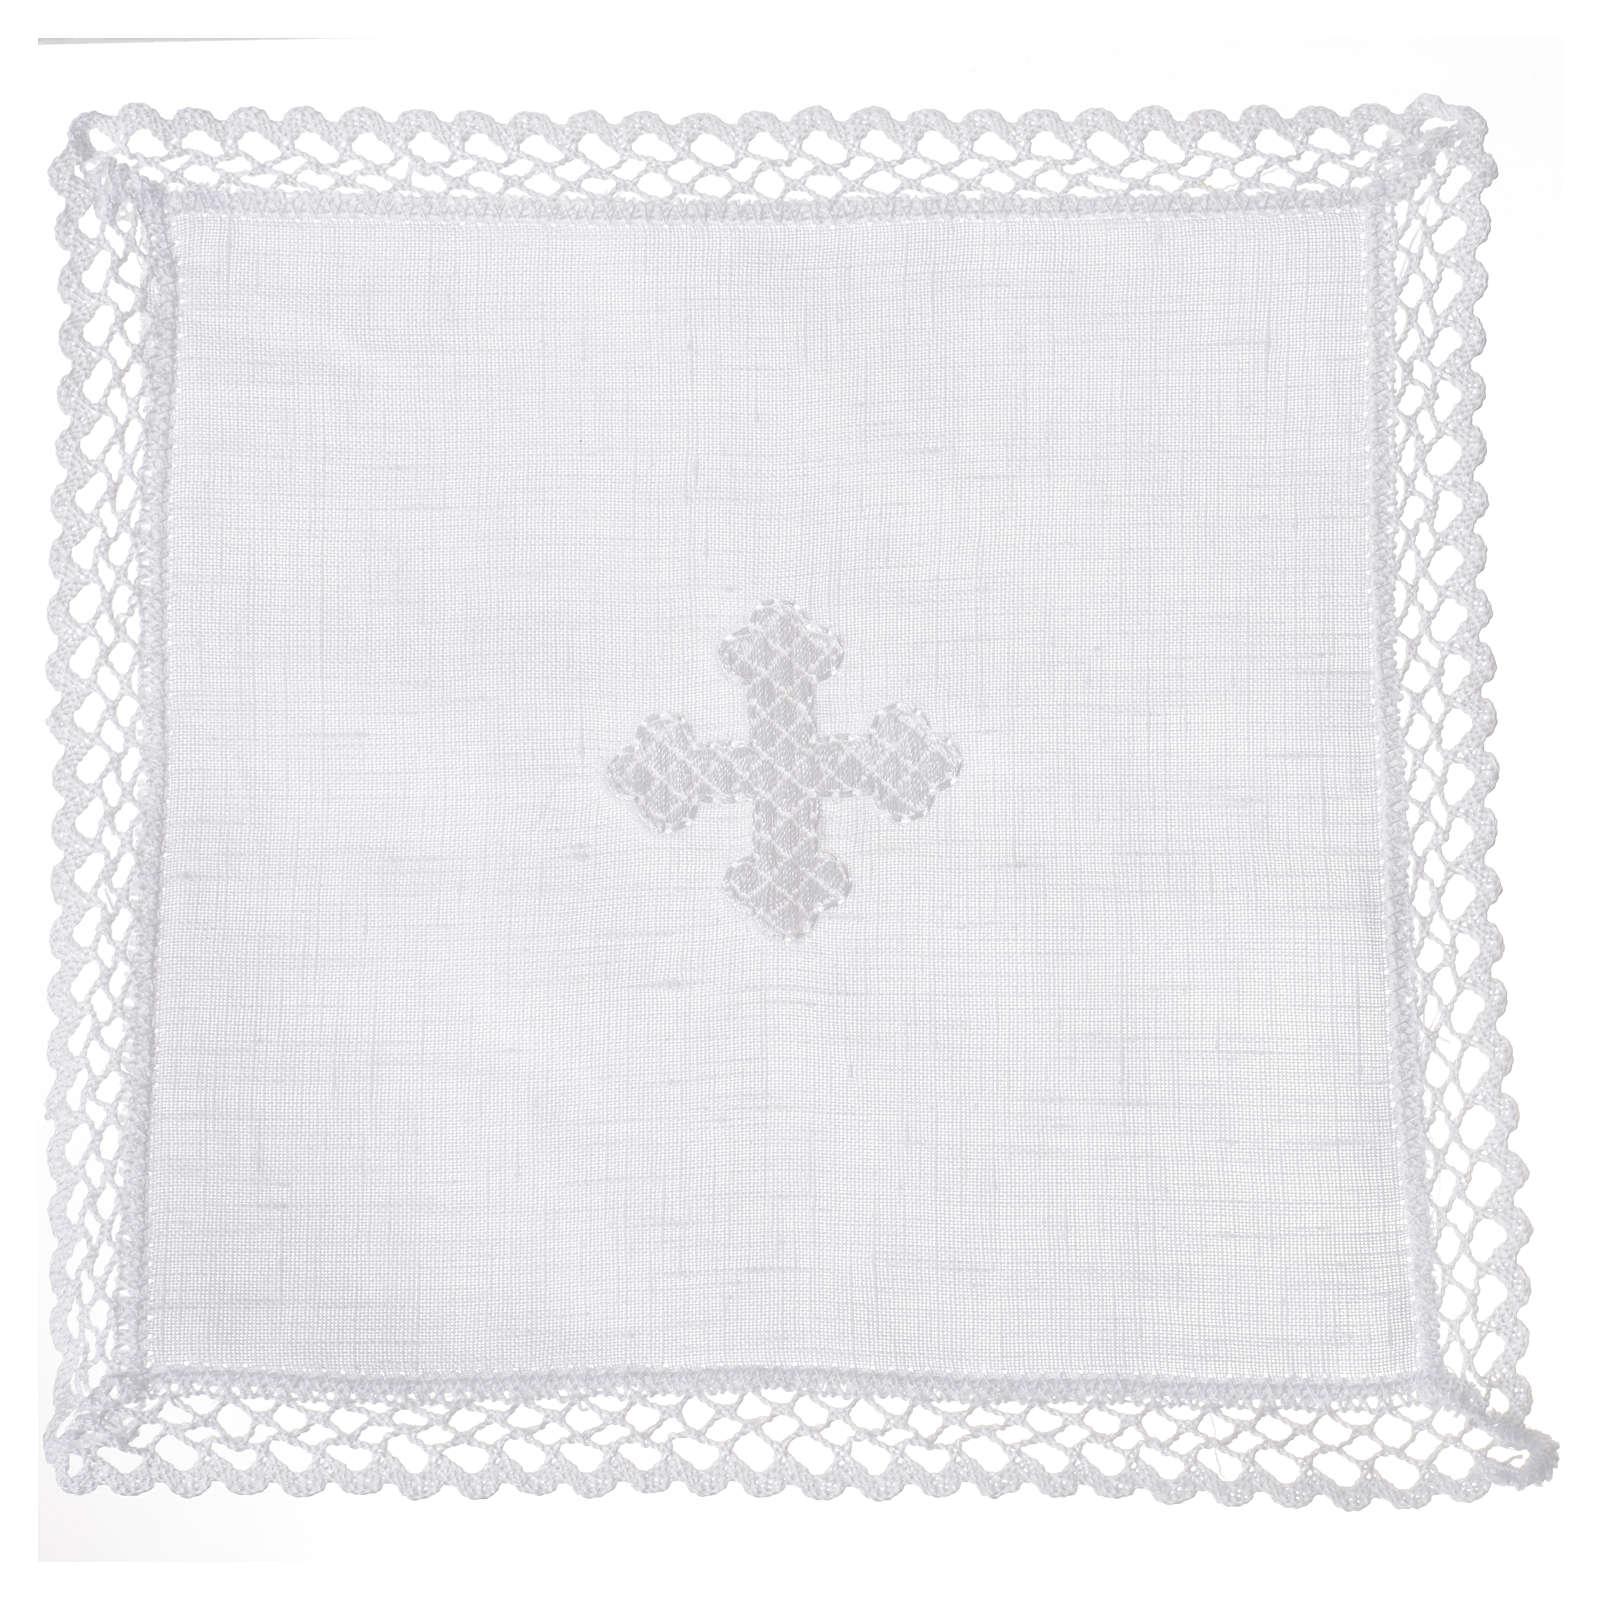 Servicio de altar cruz blanca 4